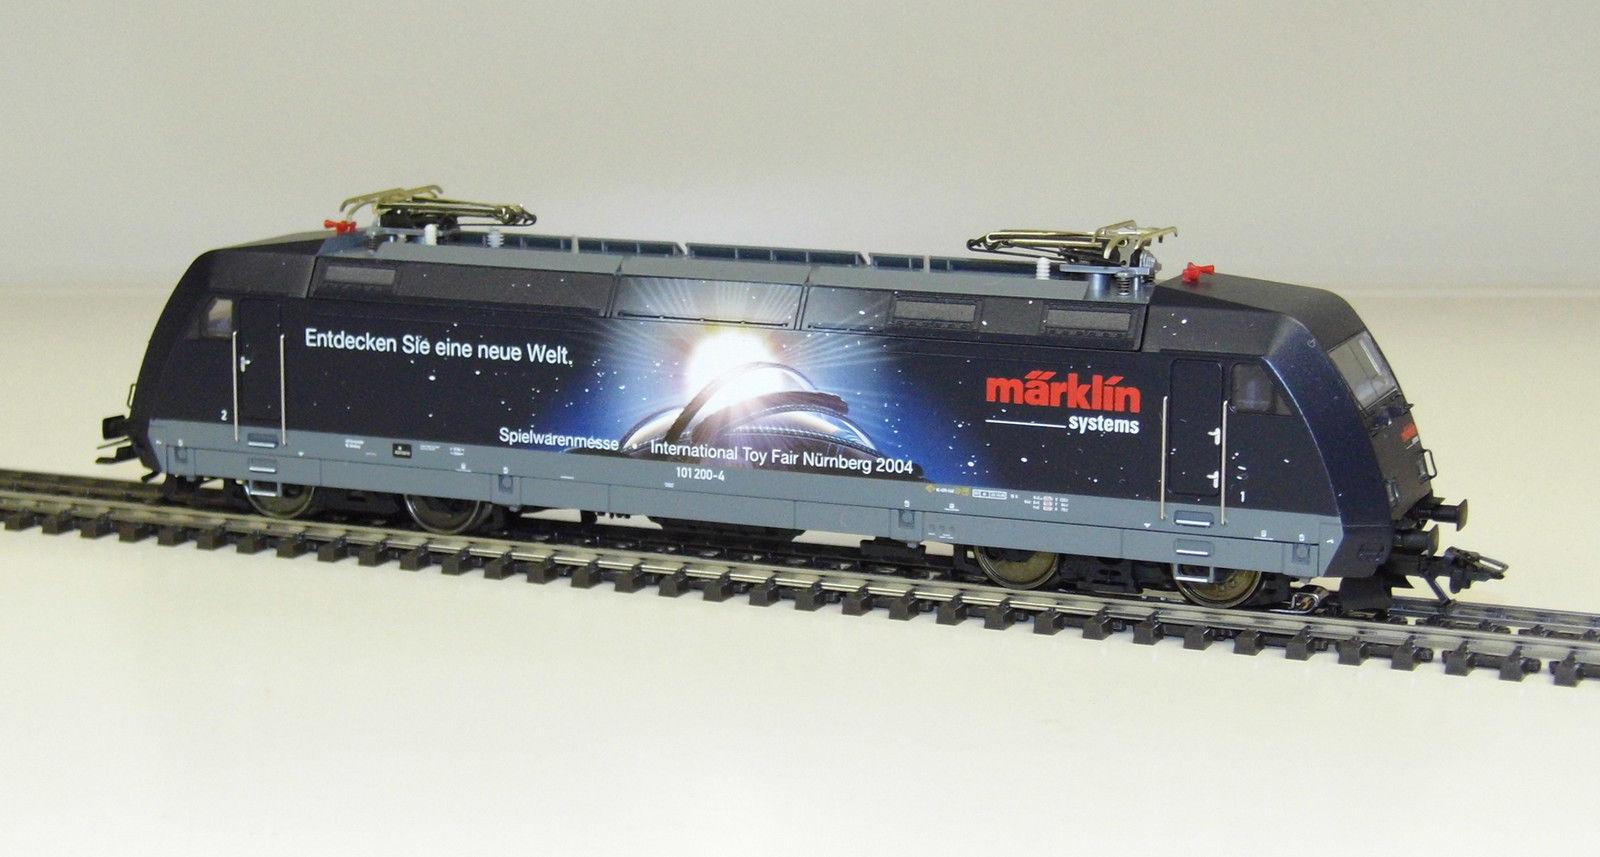 画像1: 鉄道模型 メルクリン Marklin 37386 BR 101 電気機関車 トイフェア限定品 HOゲージ